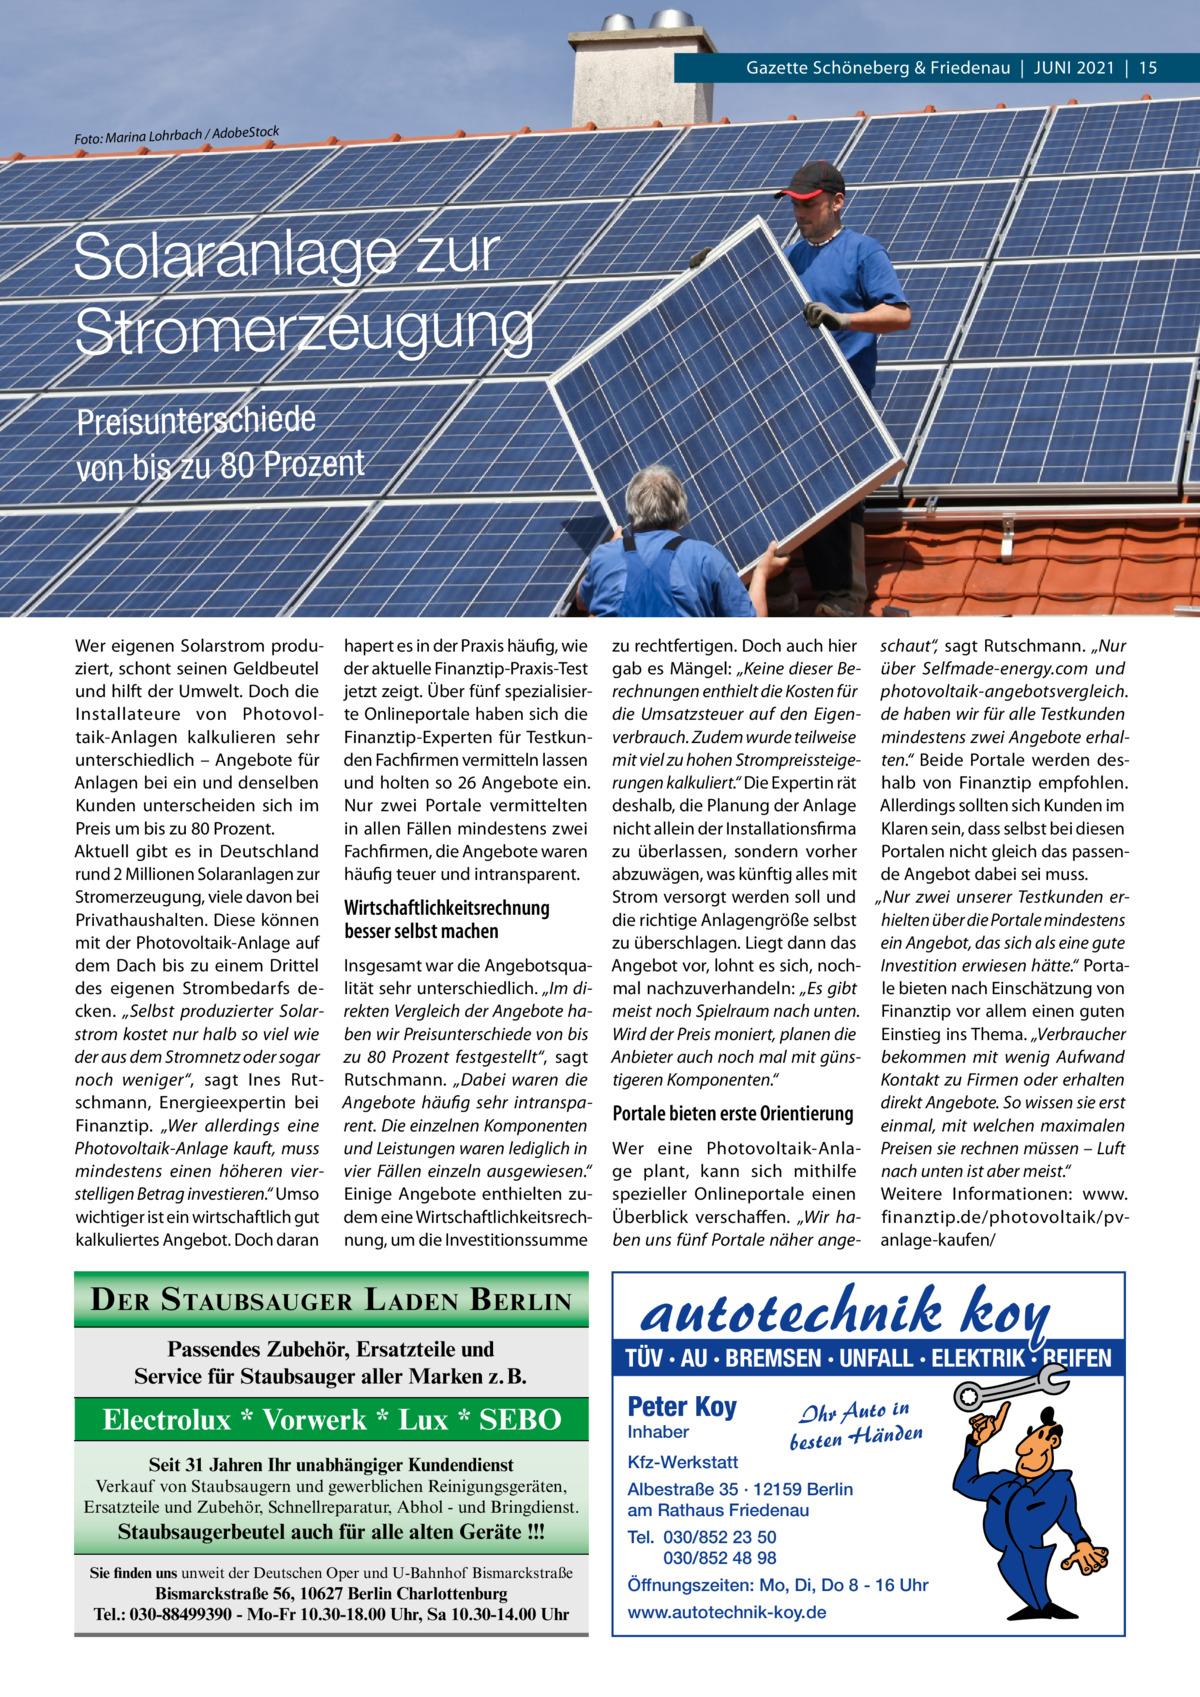 """Gazette Schöneberg & Friedenau Juni 2021 15  Foto: Marina Lohrbach / Adob  eStock  Solaranlage zur Stromerzeugung Preisunterschiede von bis zu 80Prozent  Wer eigenen Solarstrom produziert, schont seinen Geldbeutel und hilft der Umwelt. Doch die Installateure von Photovoltaik-Anlagen kalkulieren sehr unterschiedlich – Angebote für Anlagen bei ein und denselben Kunden unterscheiden sich im Preis um bis zu 80Prozent. Aktuell gibt es in Deutschland rund 2Millionen Solaranlagen zur Stromerzeugung, viele davon bei Privathaushalten. Diese können mit der Photovoltaik-Anlage auf dem Dach bis zu einem Drittel des eigenen Strombedarfs decken. """"Selbst produzierter Solarstrom kostet nur halb so viel wie der aus dem Stromnetz oder sogar noch weniger"""", sagt Ines Rutschmann, Energieexpertin bei Finanztip. """"Wer allerdings eine Photovoltaik-Anlage kauft, muss mindestens einen höheren vierstelligen Betrag investieren."""" Umso wichtiger ist ein wirtschaftlich gut kalkuliertes Angebot. Doch daran  hapert es in der Praxis häufig, wie der aktuelle Finanztip-Praxis-Test jetzt zeigt. Über fünf spezialisierte Onlineportale haben sich die Finanztip-Experten für Testkunden Fachfirmen vermitteln lassen und holten so 26Angebote ein. Nur zwei Portale vermittelten in allen Fällen mindestens zwei Fachfirmen, die Angebote waren häufig teuer und intransparent.  Wirtschaftlichkeitsrechnung besser selbst machen Insgesamt war die Angebotsqualität sehr unterschiedlich. """"Im direkten Vergleich der Angebote haben wir Preisunterschiede von bis zu 80 Prozent festgestellt"""", sagt Rutschmann. """"Dabei waren die Angebote häufig sehr intransparent. Die einzelnen Komponenten und Leistungen waren lediglich in vier Fällen einzeln ausgewiesen."""" Einige Angebote enthielten zudem eine Wirtschaftlichkeitsrechnung, um die Investitionssumme  D ER S TAUBSAUGER L ADEN B ERLIN Passendes Zubehör, Ersatzteile und Service für Staubsauger aller Marken z.B.  Electrolux * Vorwerk * Lux * SEBO Seit 31 Jahren Ihr unabhängiger Kundendienst"""